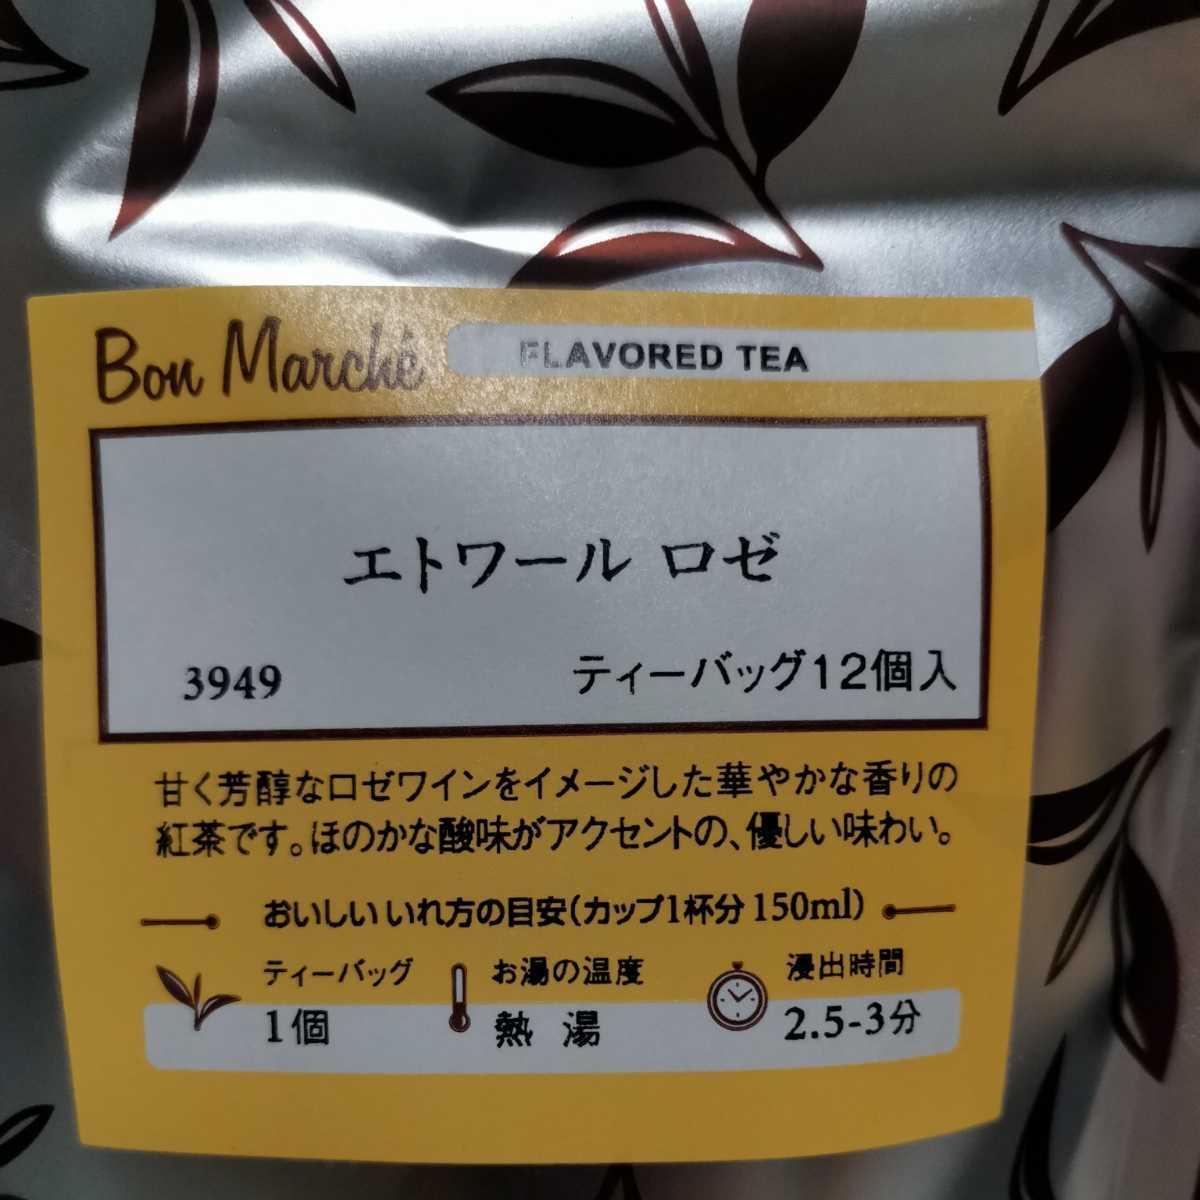 ルピシア フレーバーティー 4種類セット ティーバッグ エトワールロゼ 深蒸し煎茶 アールグレイ ルイボスティー_画像2